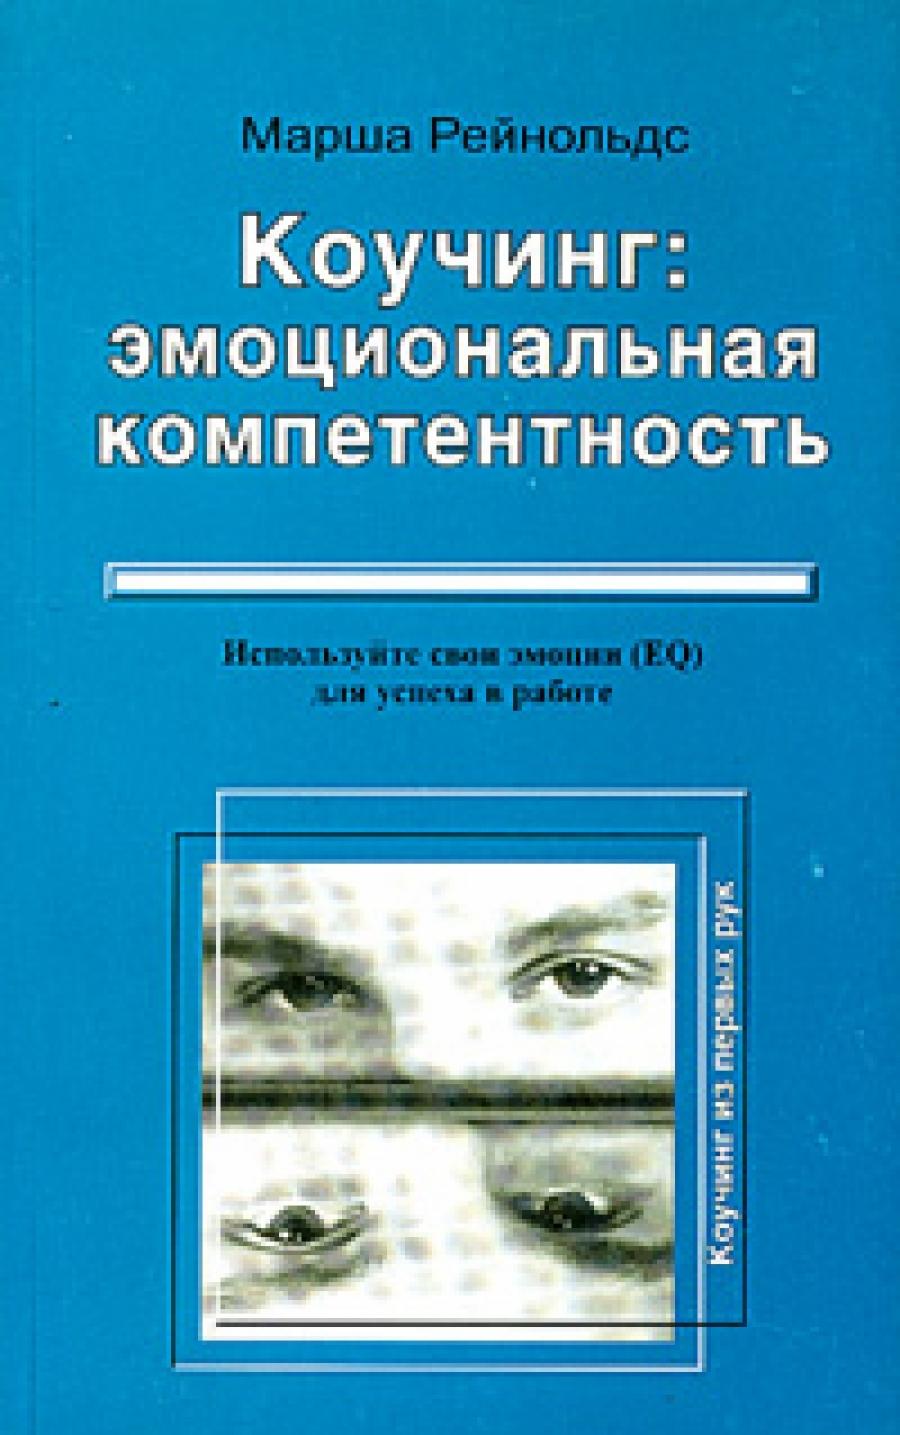 Обложка книги:  рейнольдс марша - коучинг эмоциональная компетентность